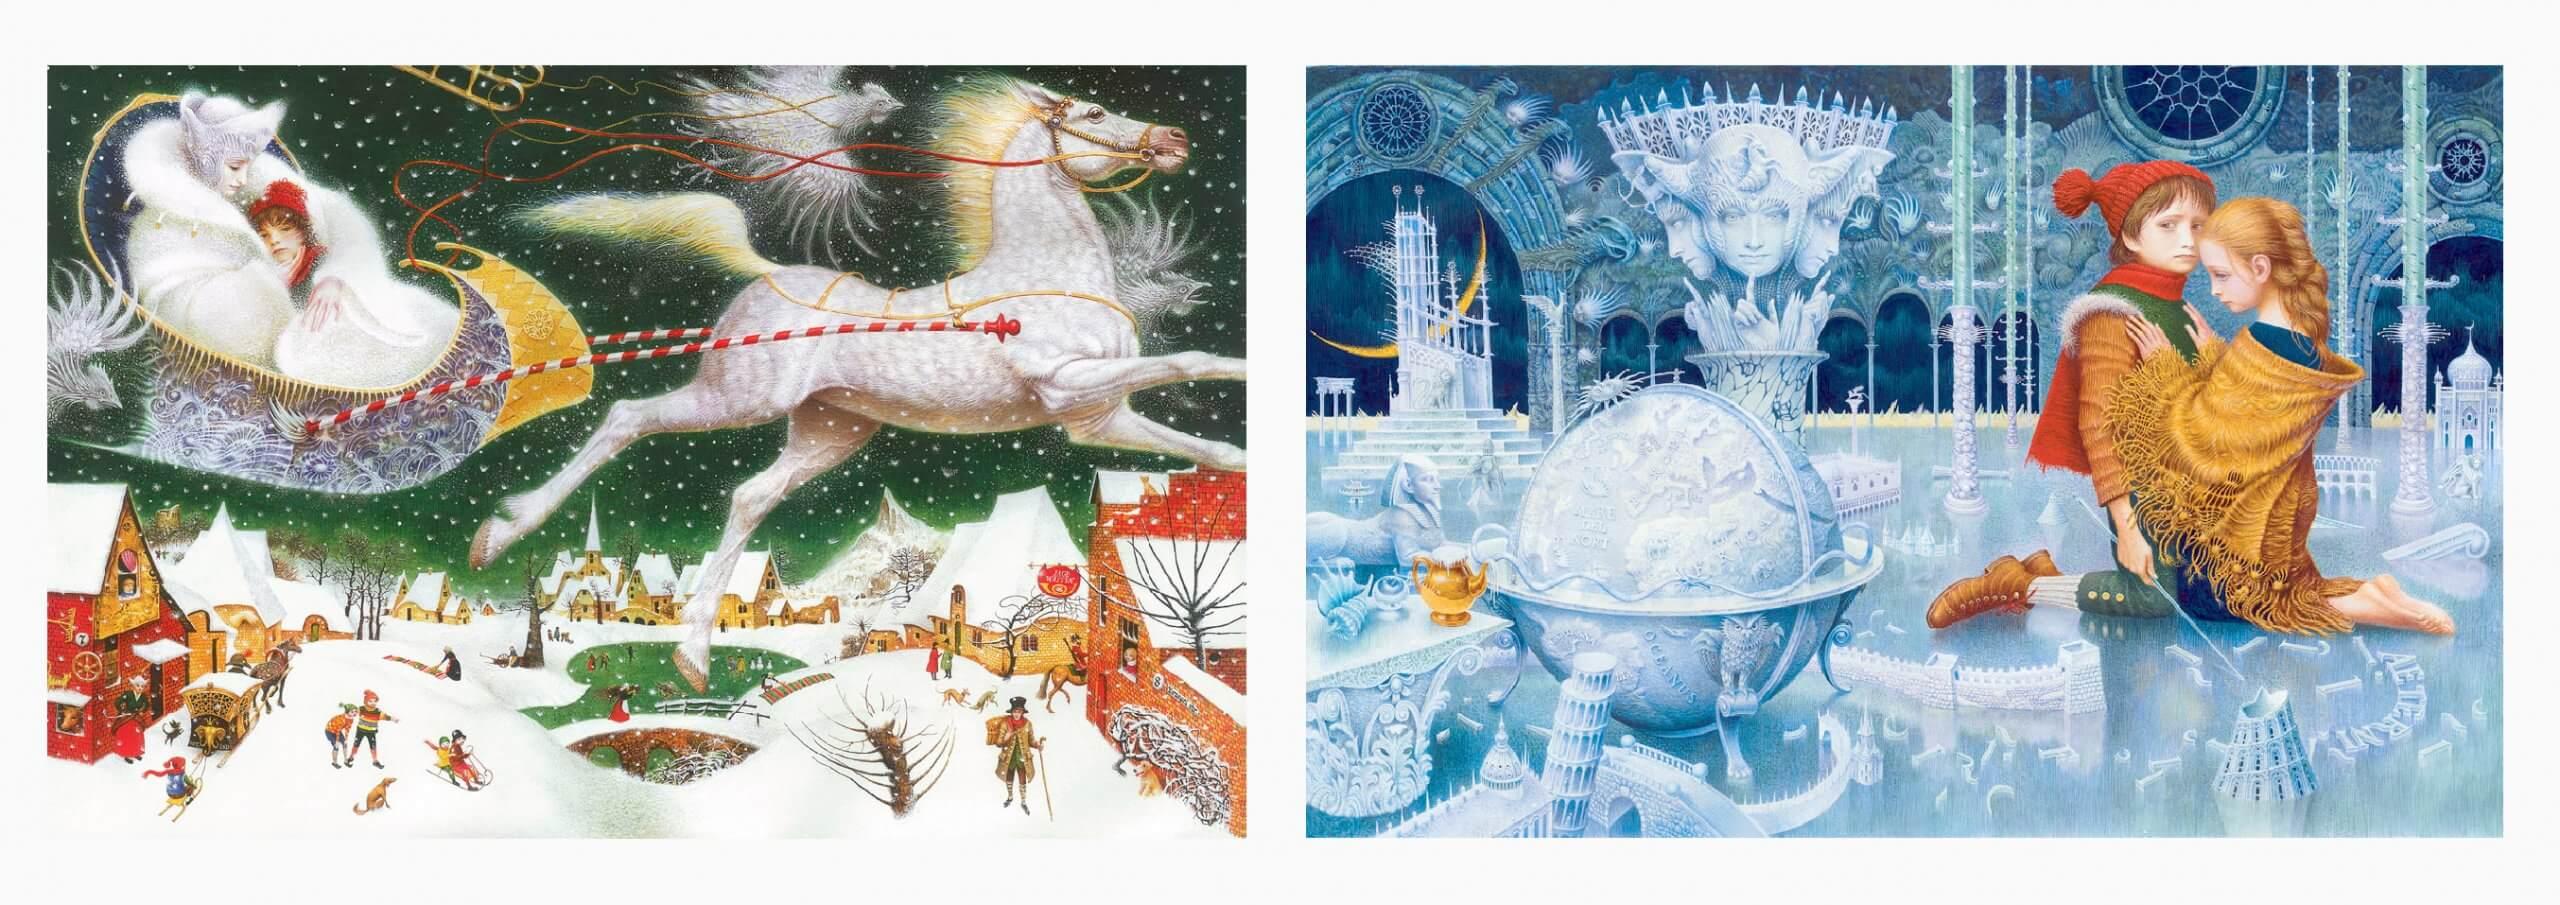 иллюстрации к сказке снежная королева - Владислав Ерко